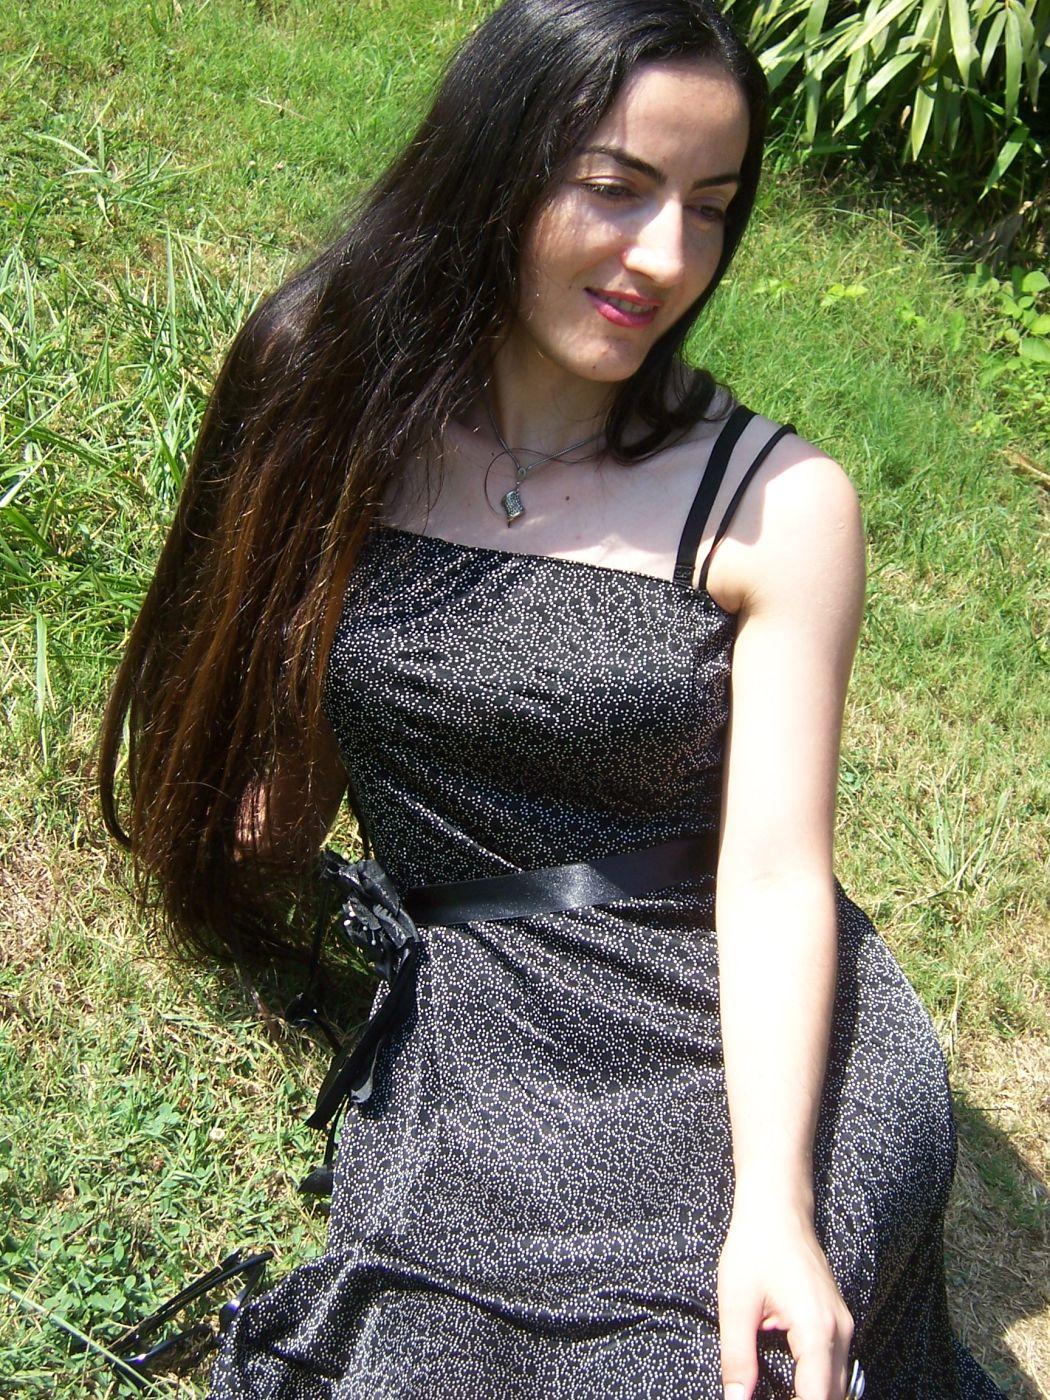 Ataturk_Arboretum_Mamy_Me_Menice-017